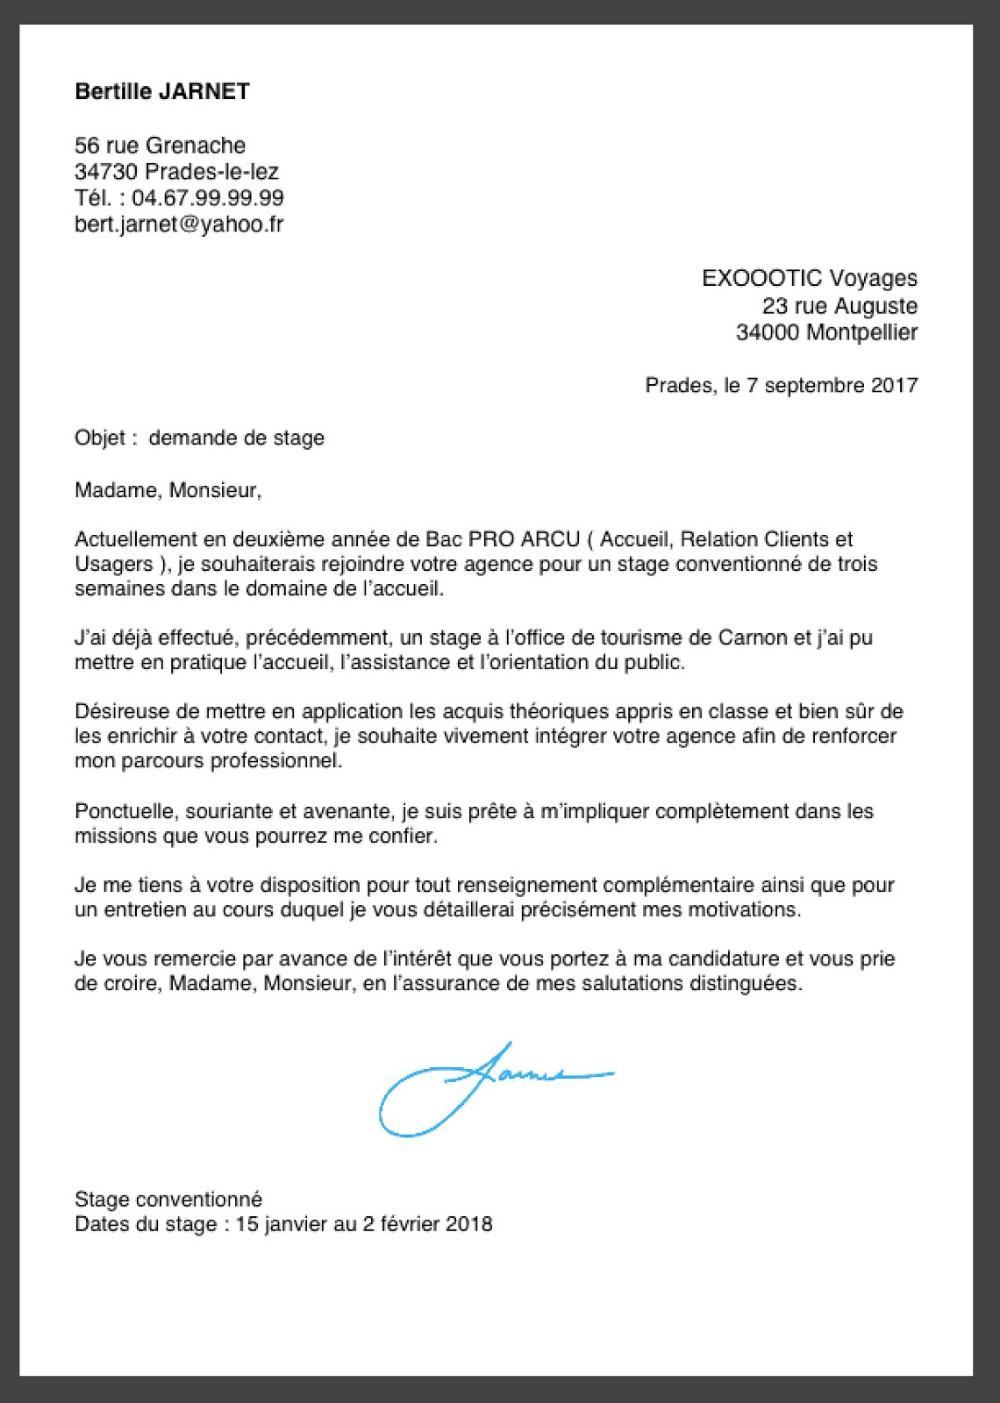 Demande De Stage Profissionnel Pdf Maroc Exemple 2020 كنوز الانترنت Lettre De Motivation Stage Exemple De Lettre De Motivation Lettre De Motivation